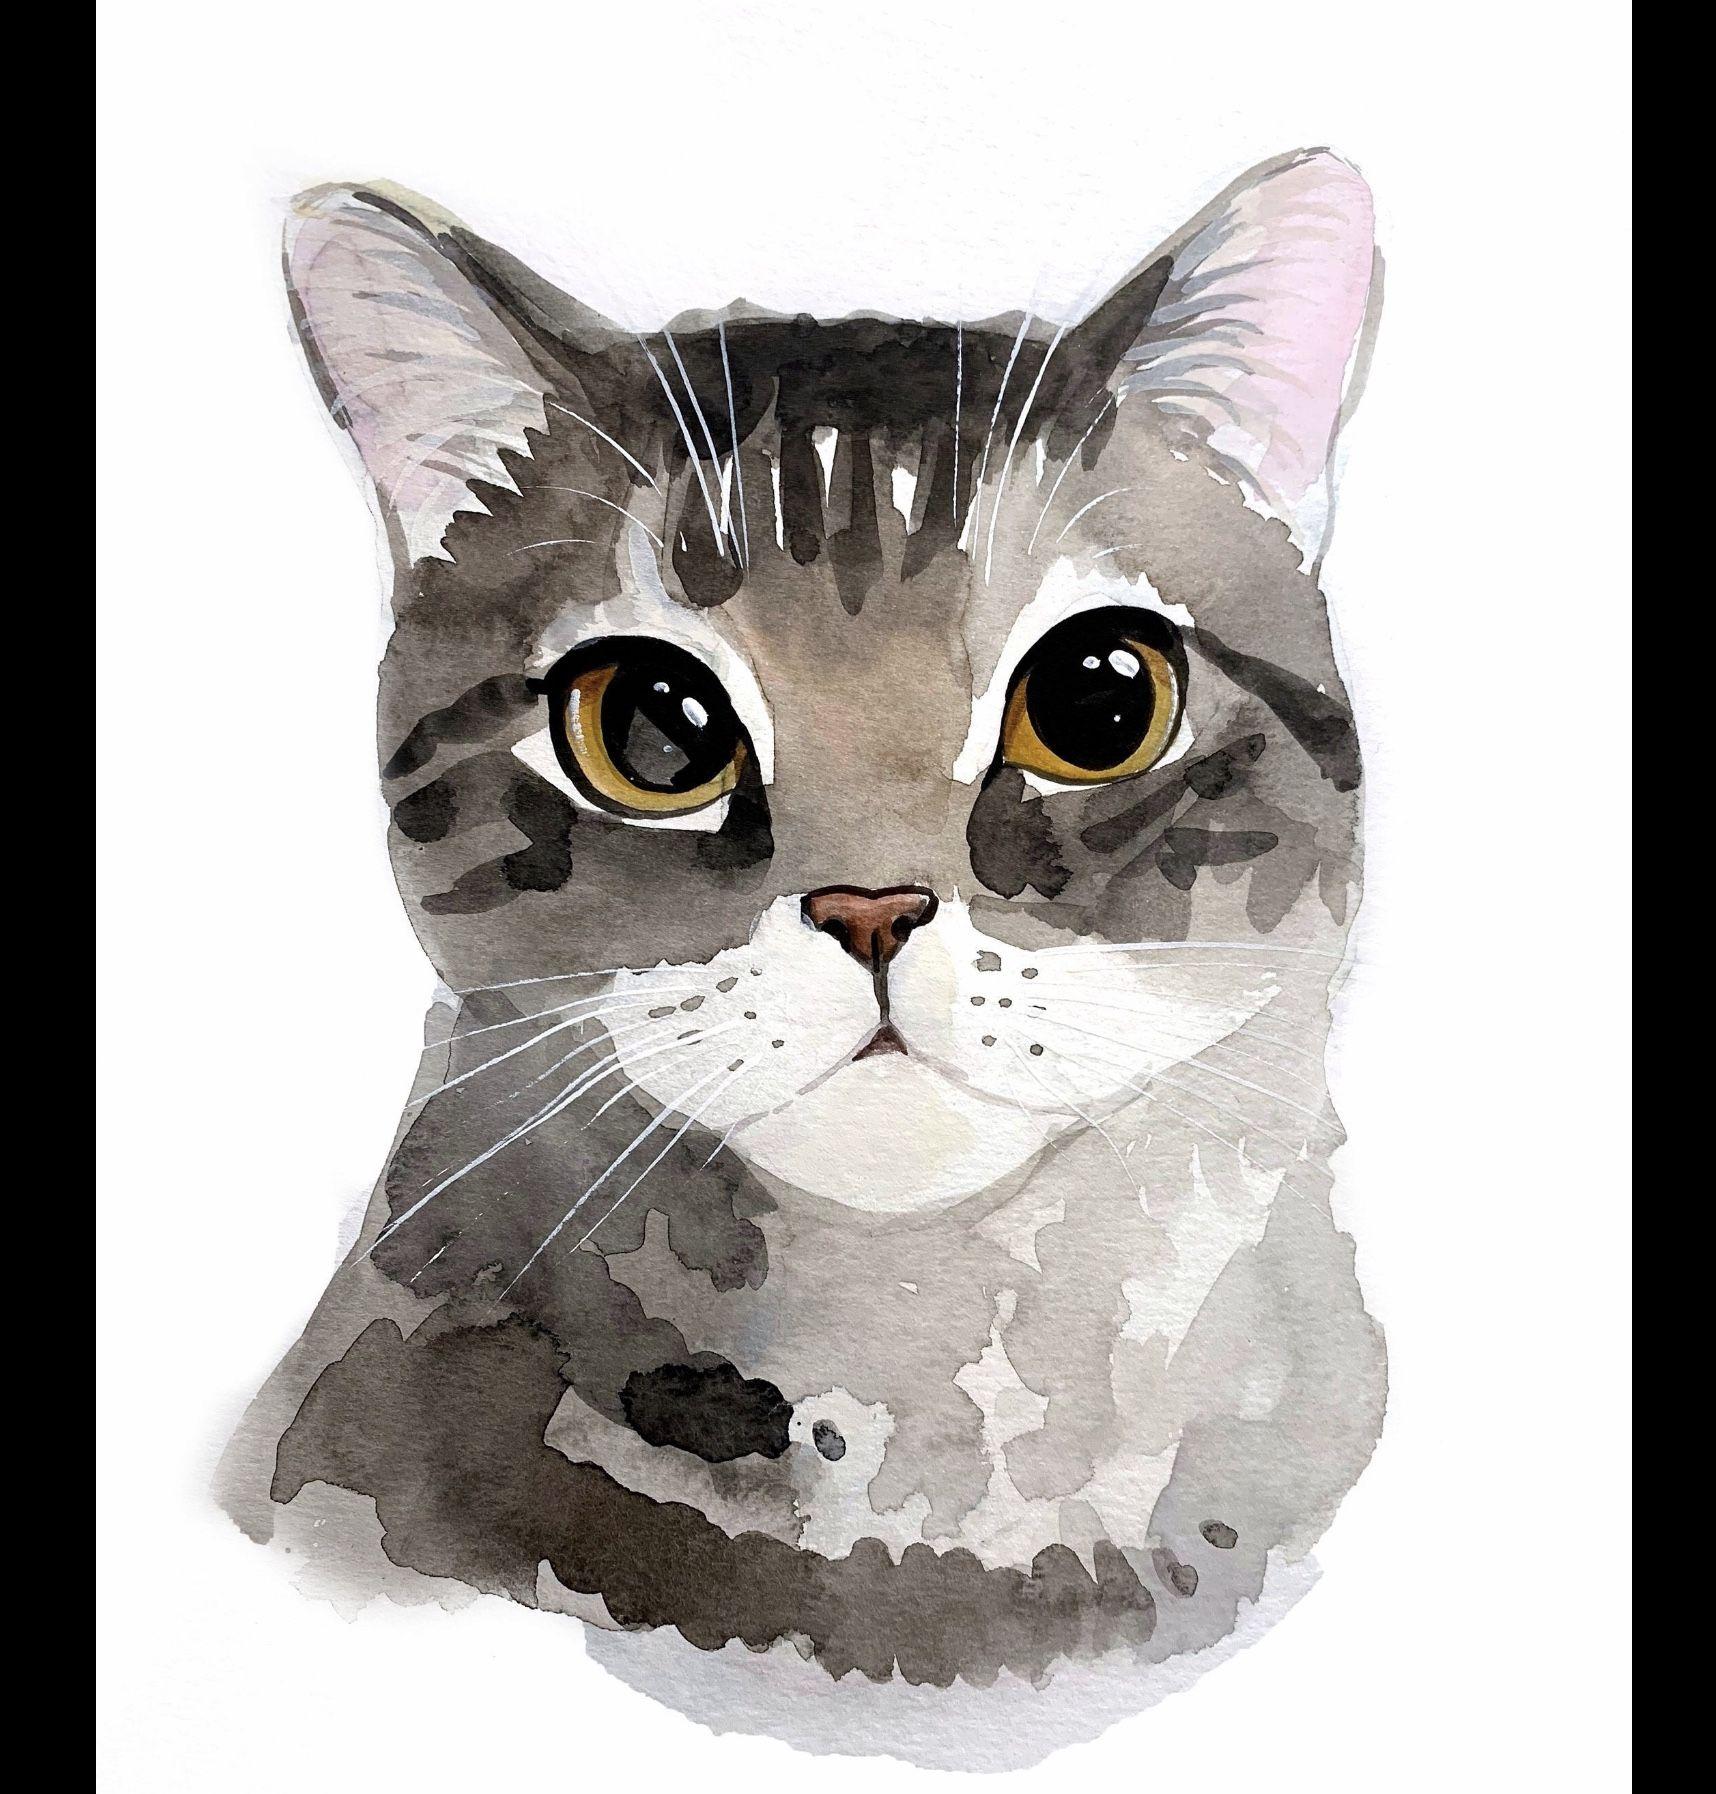 Pin De Noelia En Art Cats Gato De Acuarela Ilustracion Acuarela Ilustración De Gato